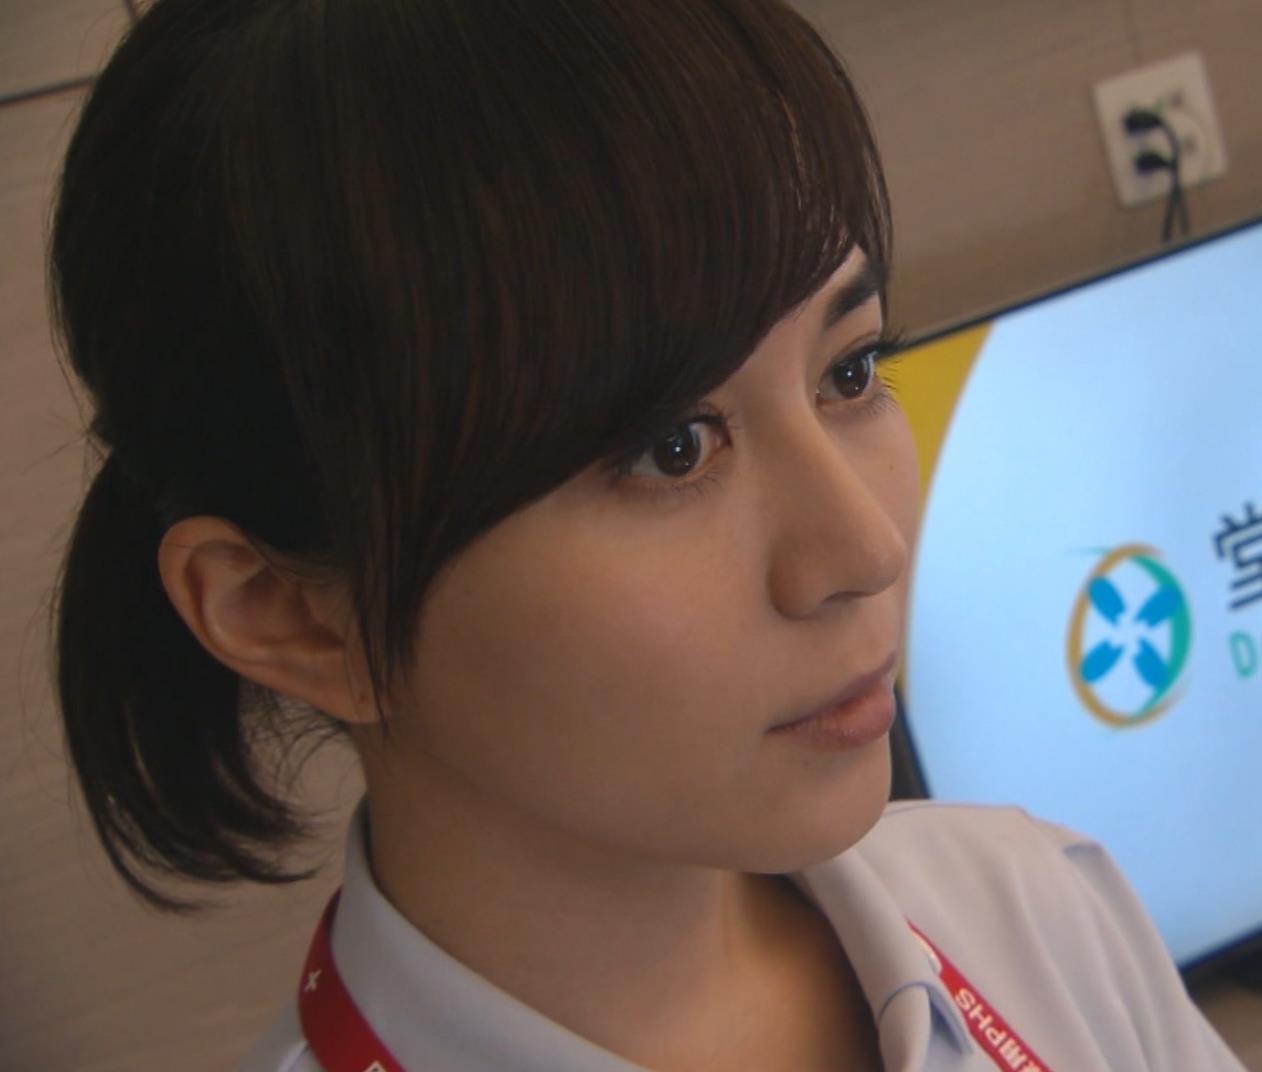 比嘉愛未 看護師役(ナース服) 「DOCTORS 最強の名医」キャプ・エロ画像15